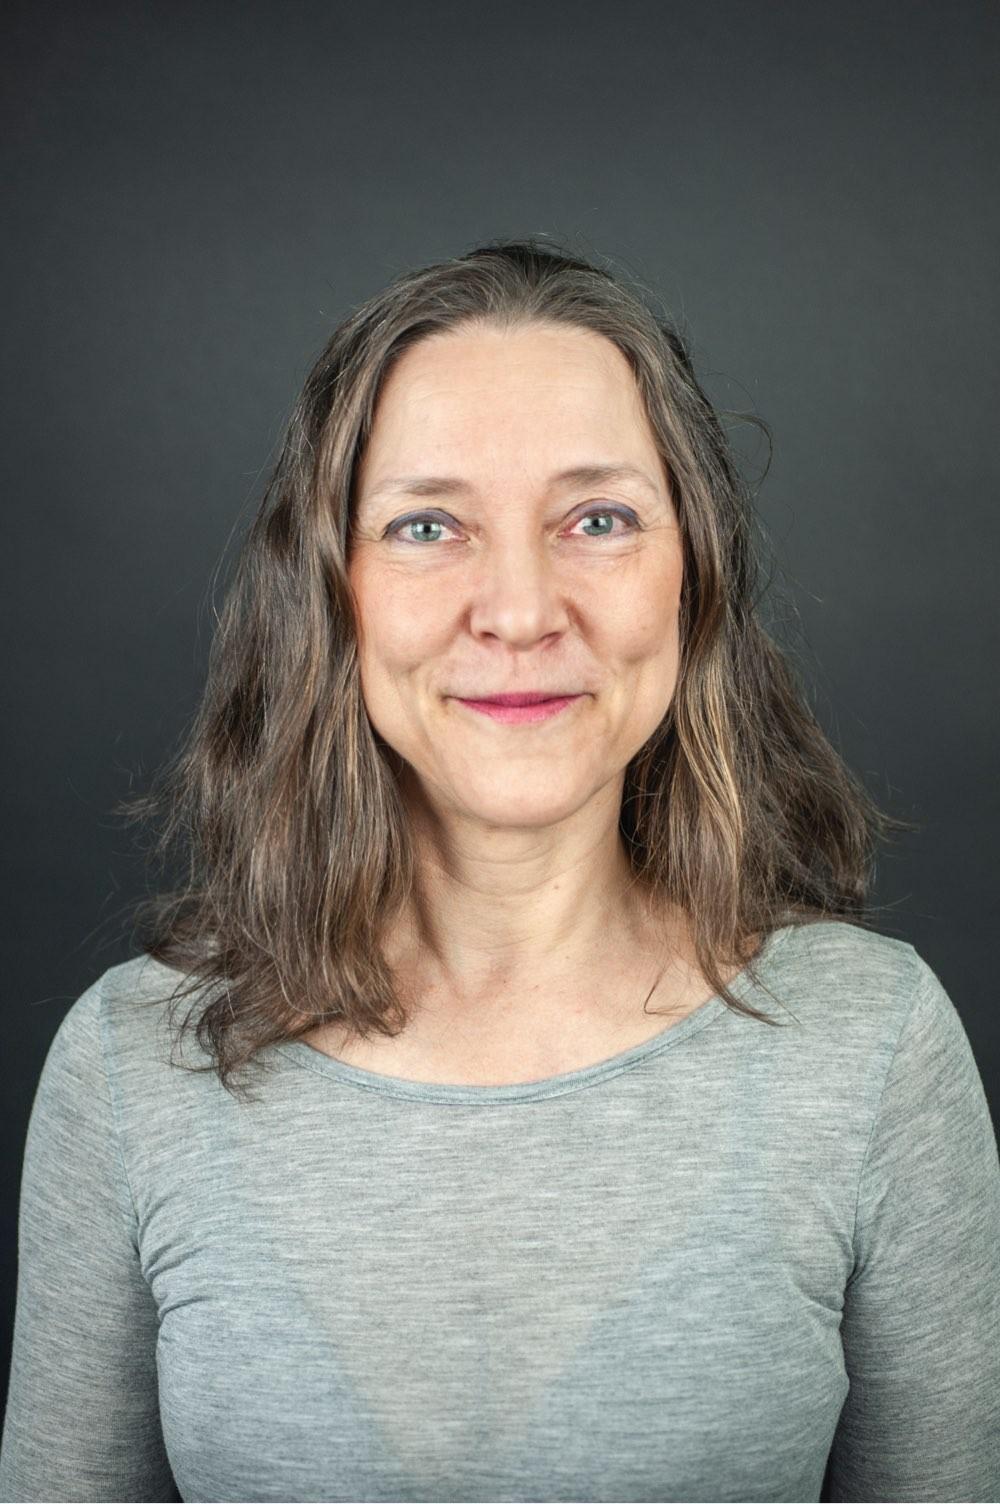 Portrett av Tiina Suhonen - grå bakgrunn